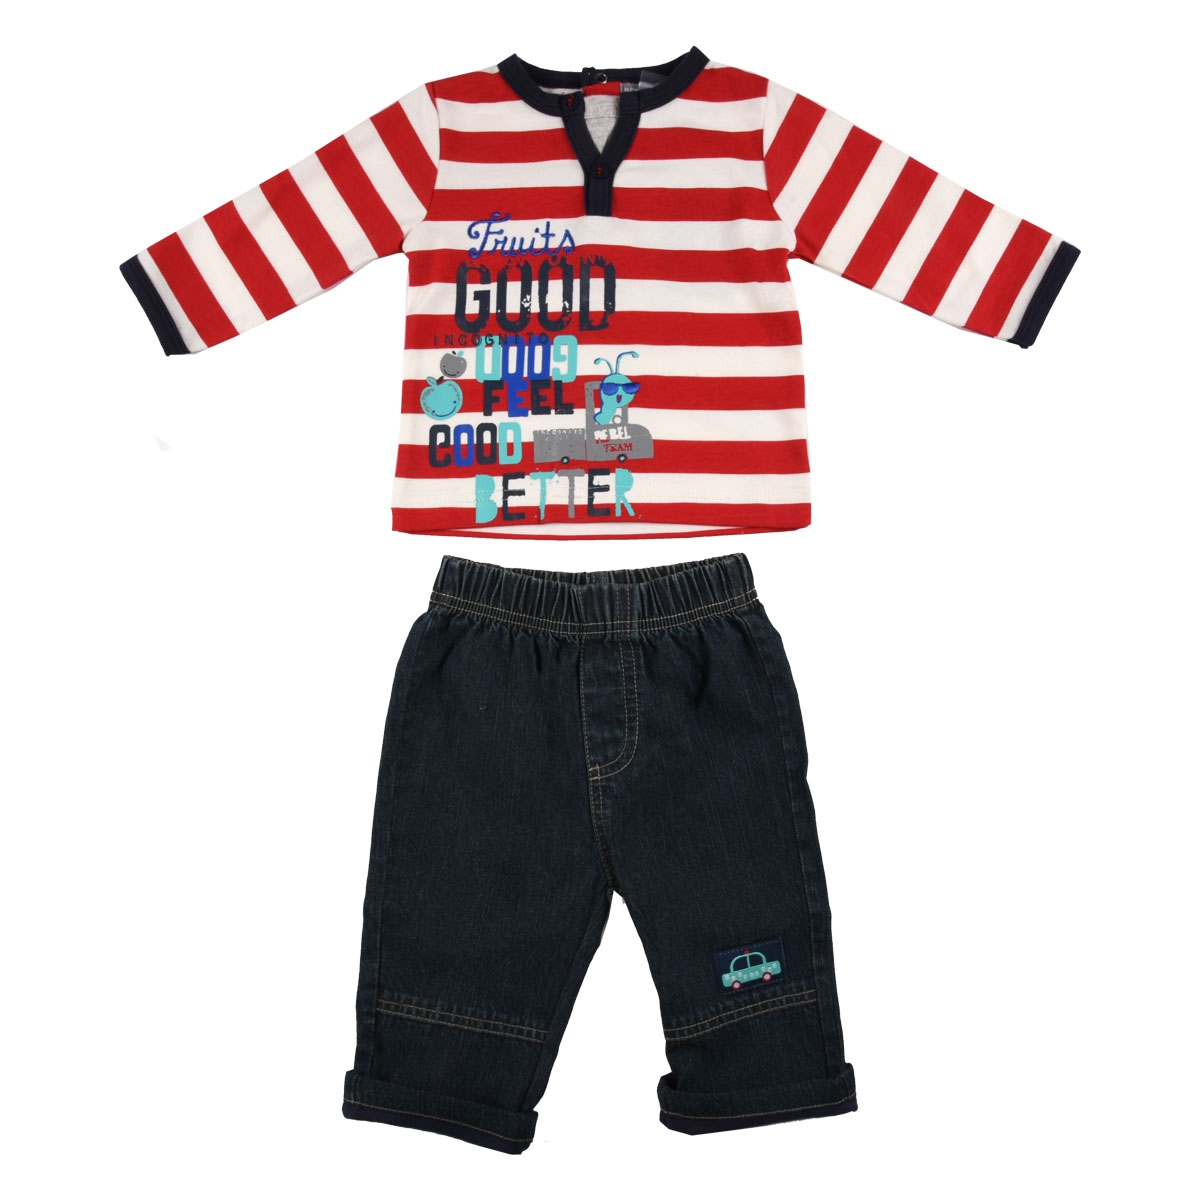 6bba58eca178f Ensemble bébé garçon Tshirt + Pantalon Théo - PETIT BEGUIN 3 mois